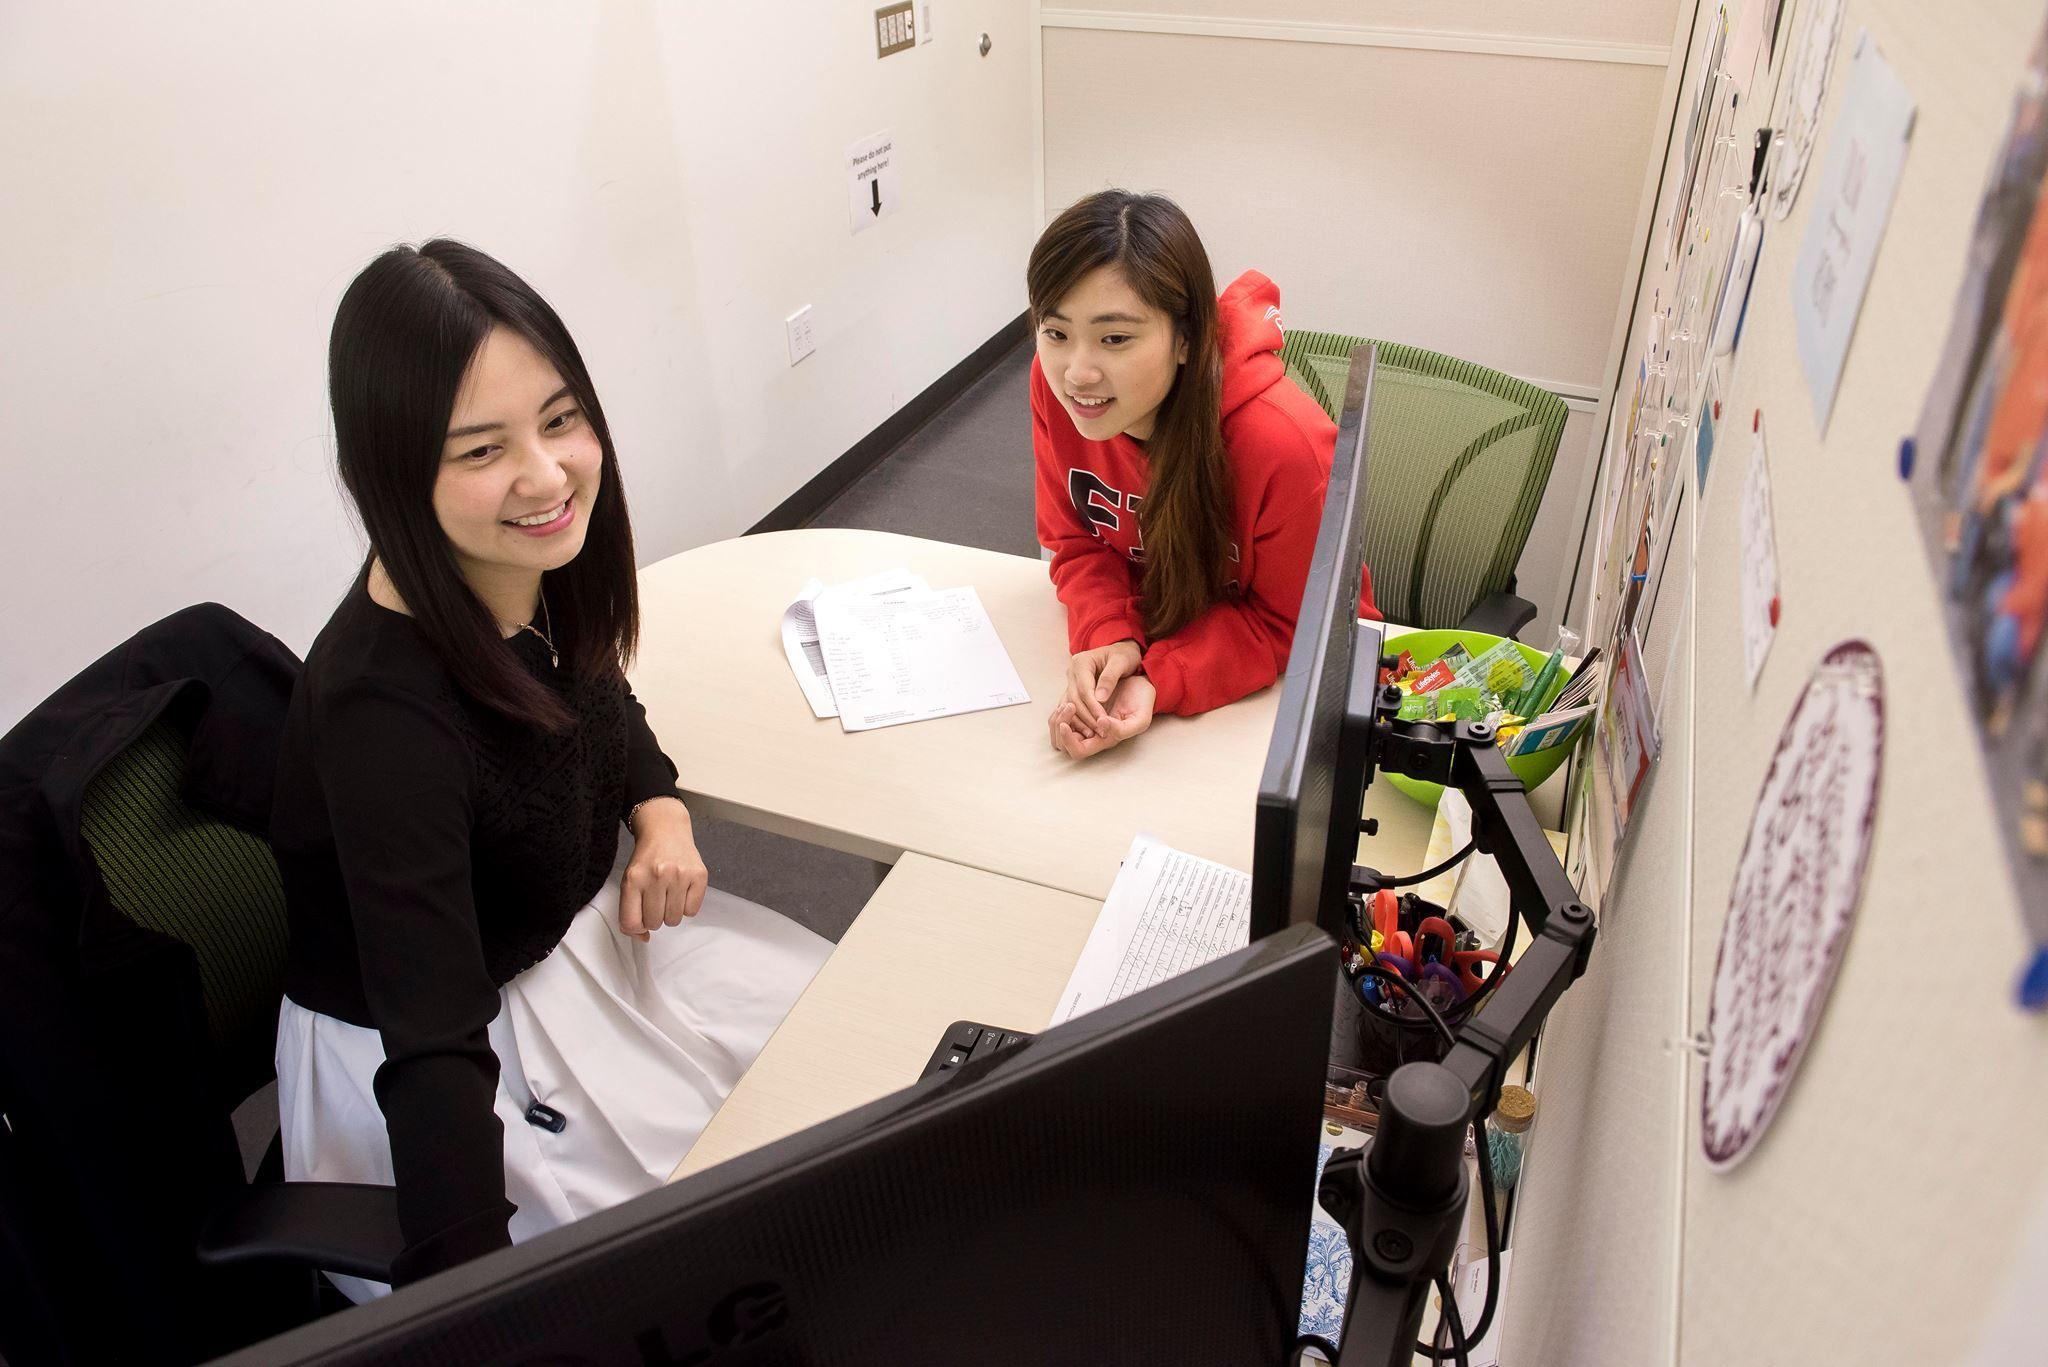 Chương trình dự bị, chuyển tiếp của Navitas giúp sinh viên quốc tế được học tập tại các trường đại học danh tiếng dễ dàng hơn